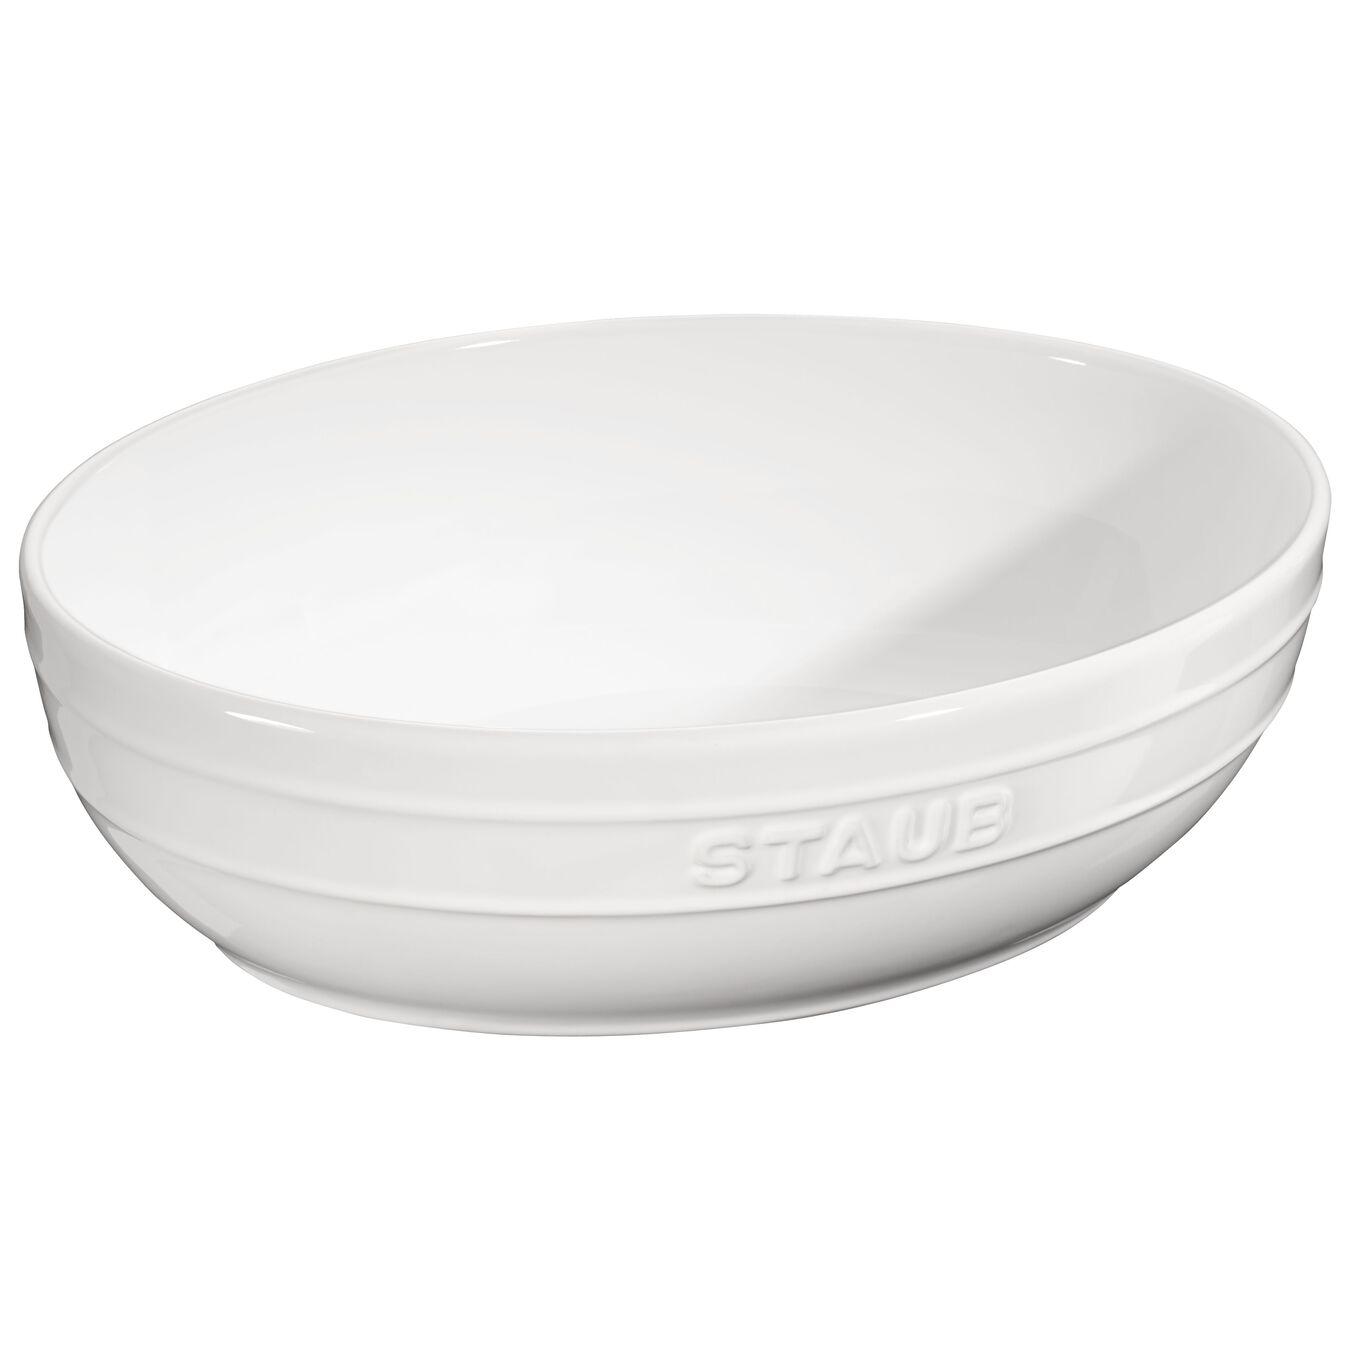 Set di ciotole - 2-pz., Colore bianco puro,,large 3